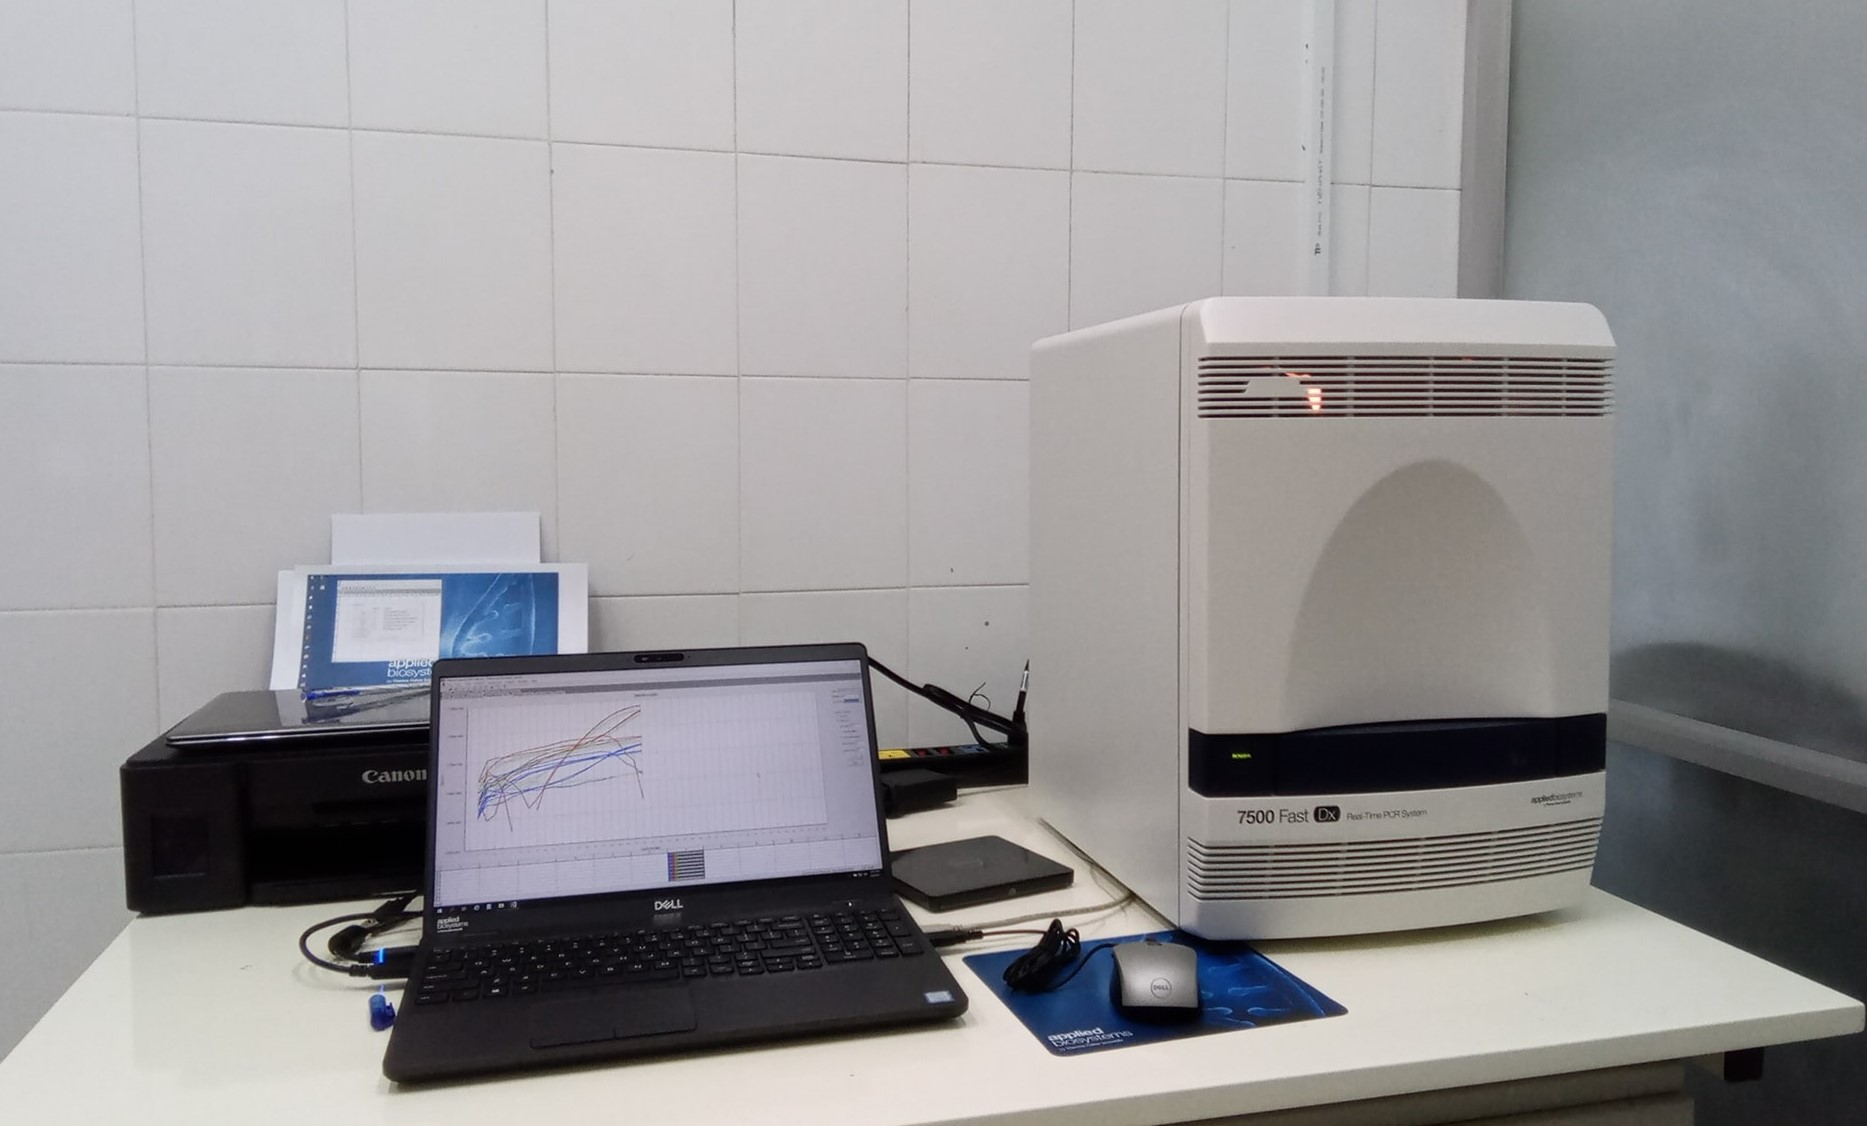 Hệ thống máy Realtime PCR này là máy nhân gen PCR định lượng của Mỹ dùng để xét nghiệm Covid-19 có độ chính xác cao, có tổng trị giá là 4,5 tỉ đồng.